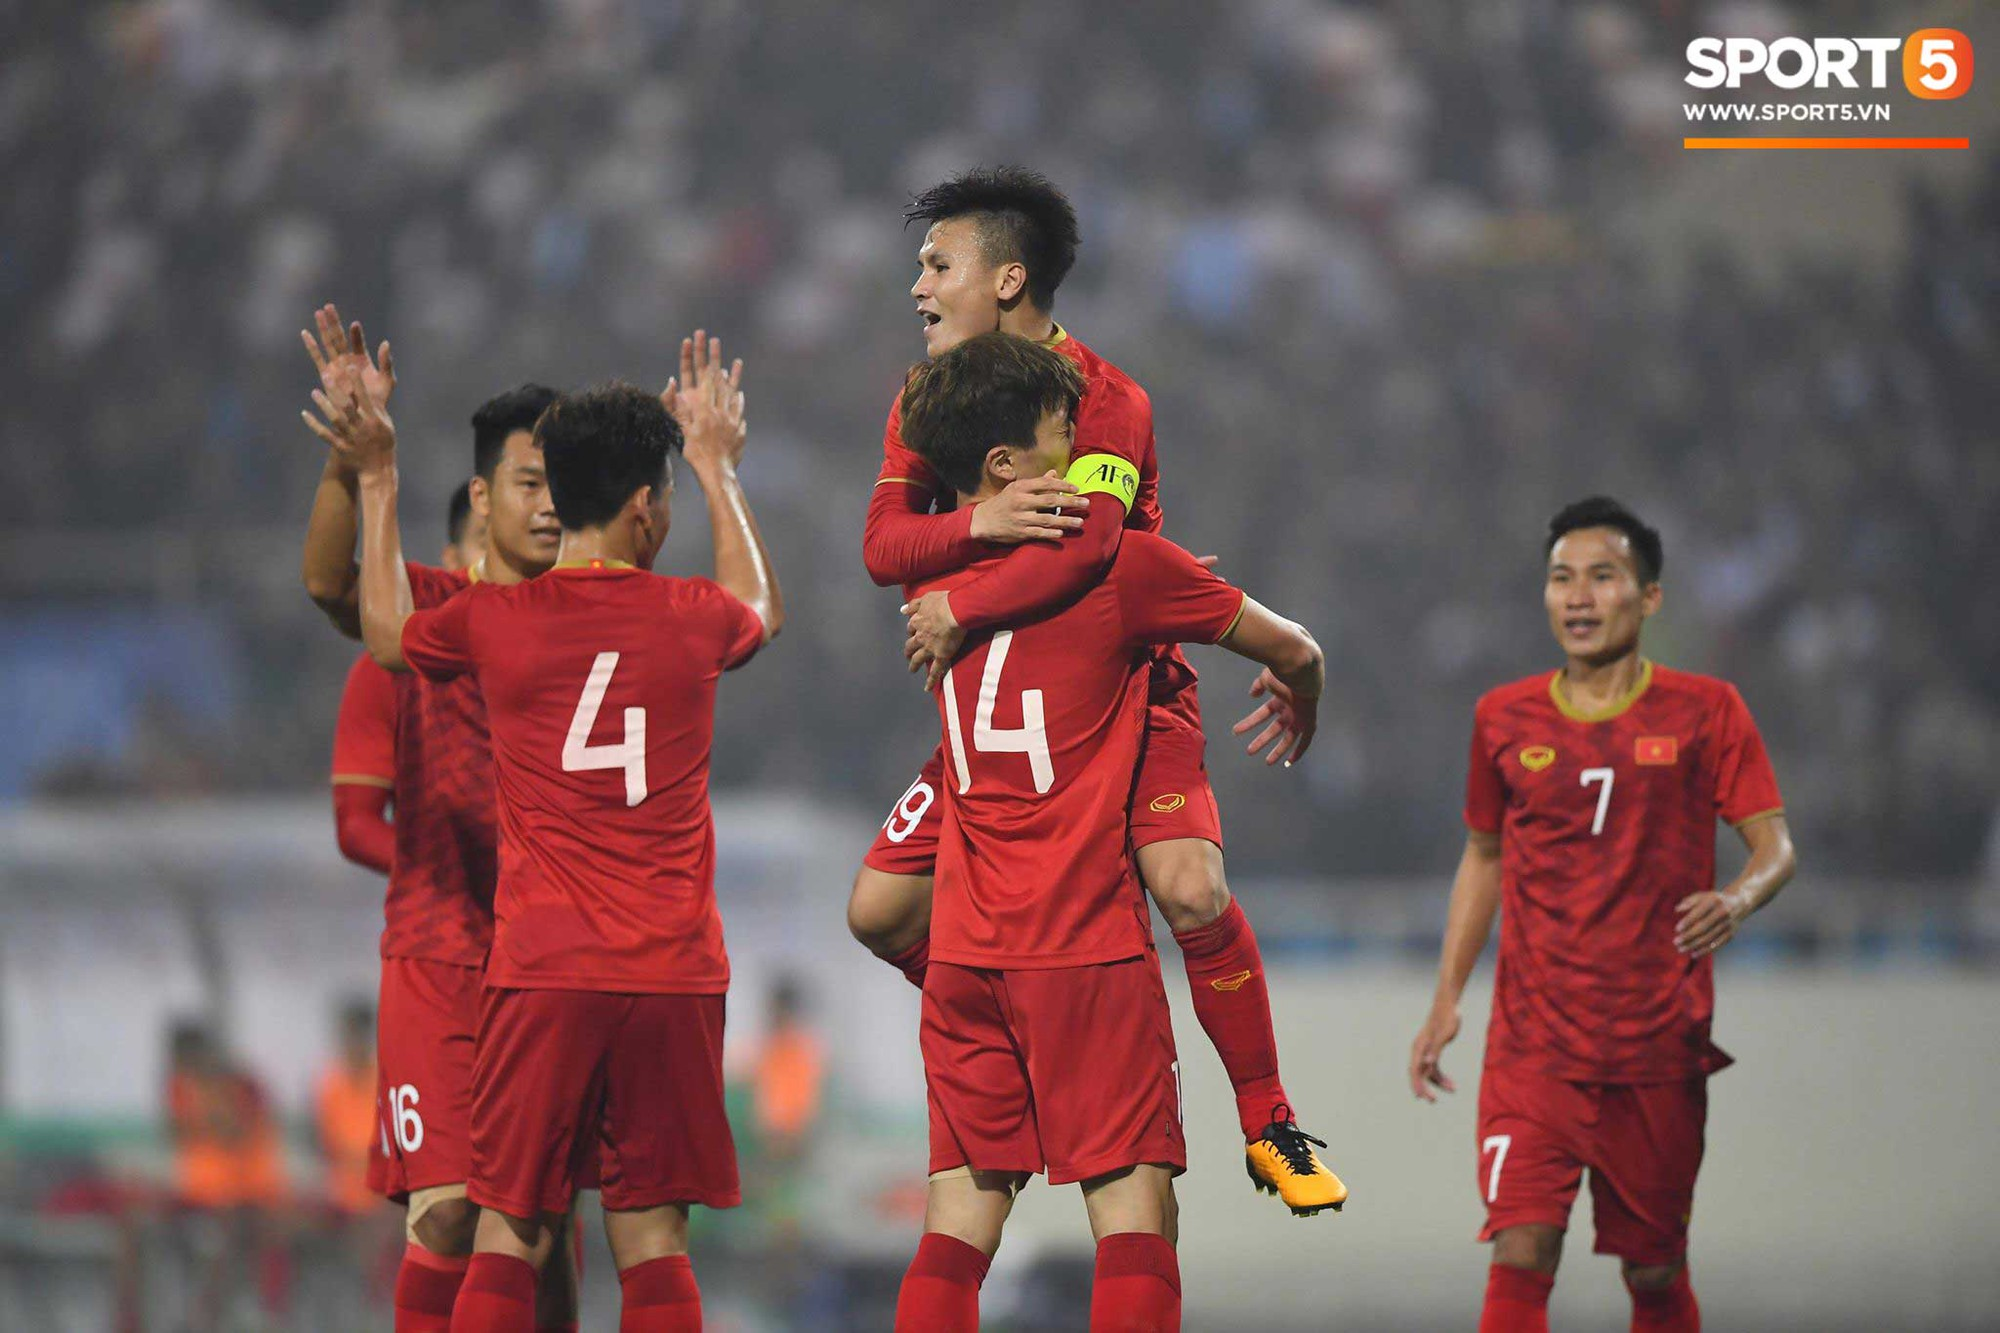 Sau đó, đến lượt Nguyễn Quang Hải thể hiện khả năng kỹ thuật tuyệt vời. Anh vượt qua 4 cầu thủ đối phương trước khi kiến tạo cho Hoàng Đức nâng tỉ số lên 2-0.